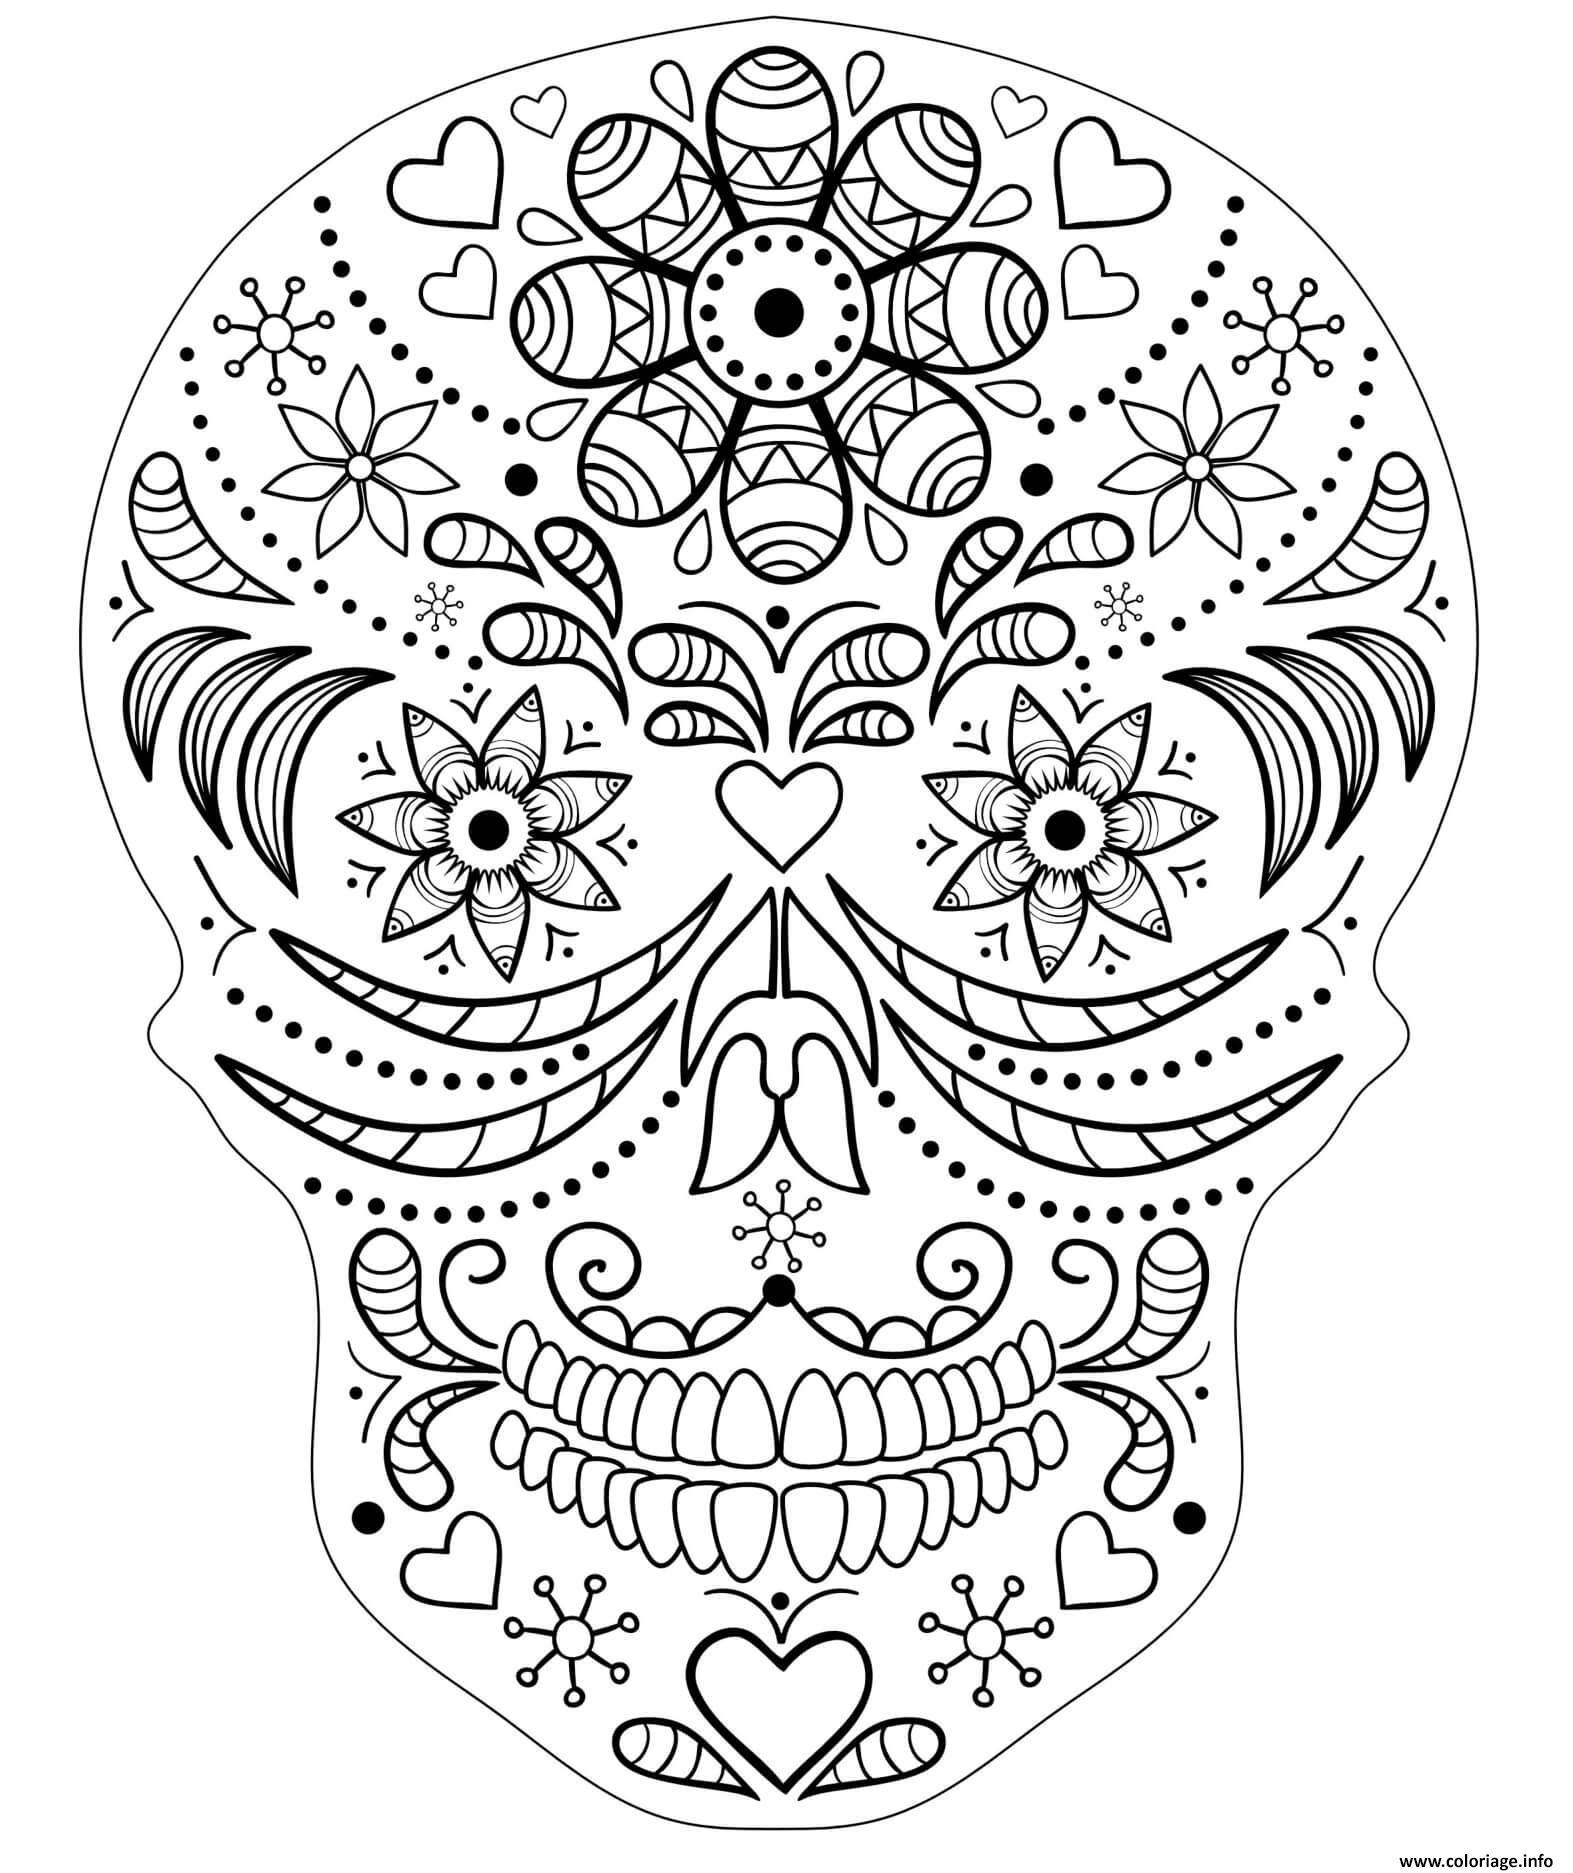 Dessin crane squellette halloween mandala Coloriage Gratuit à Imprimer